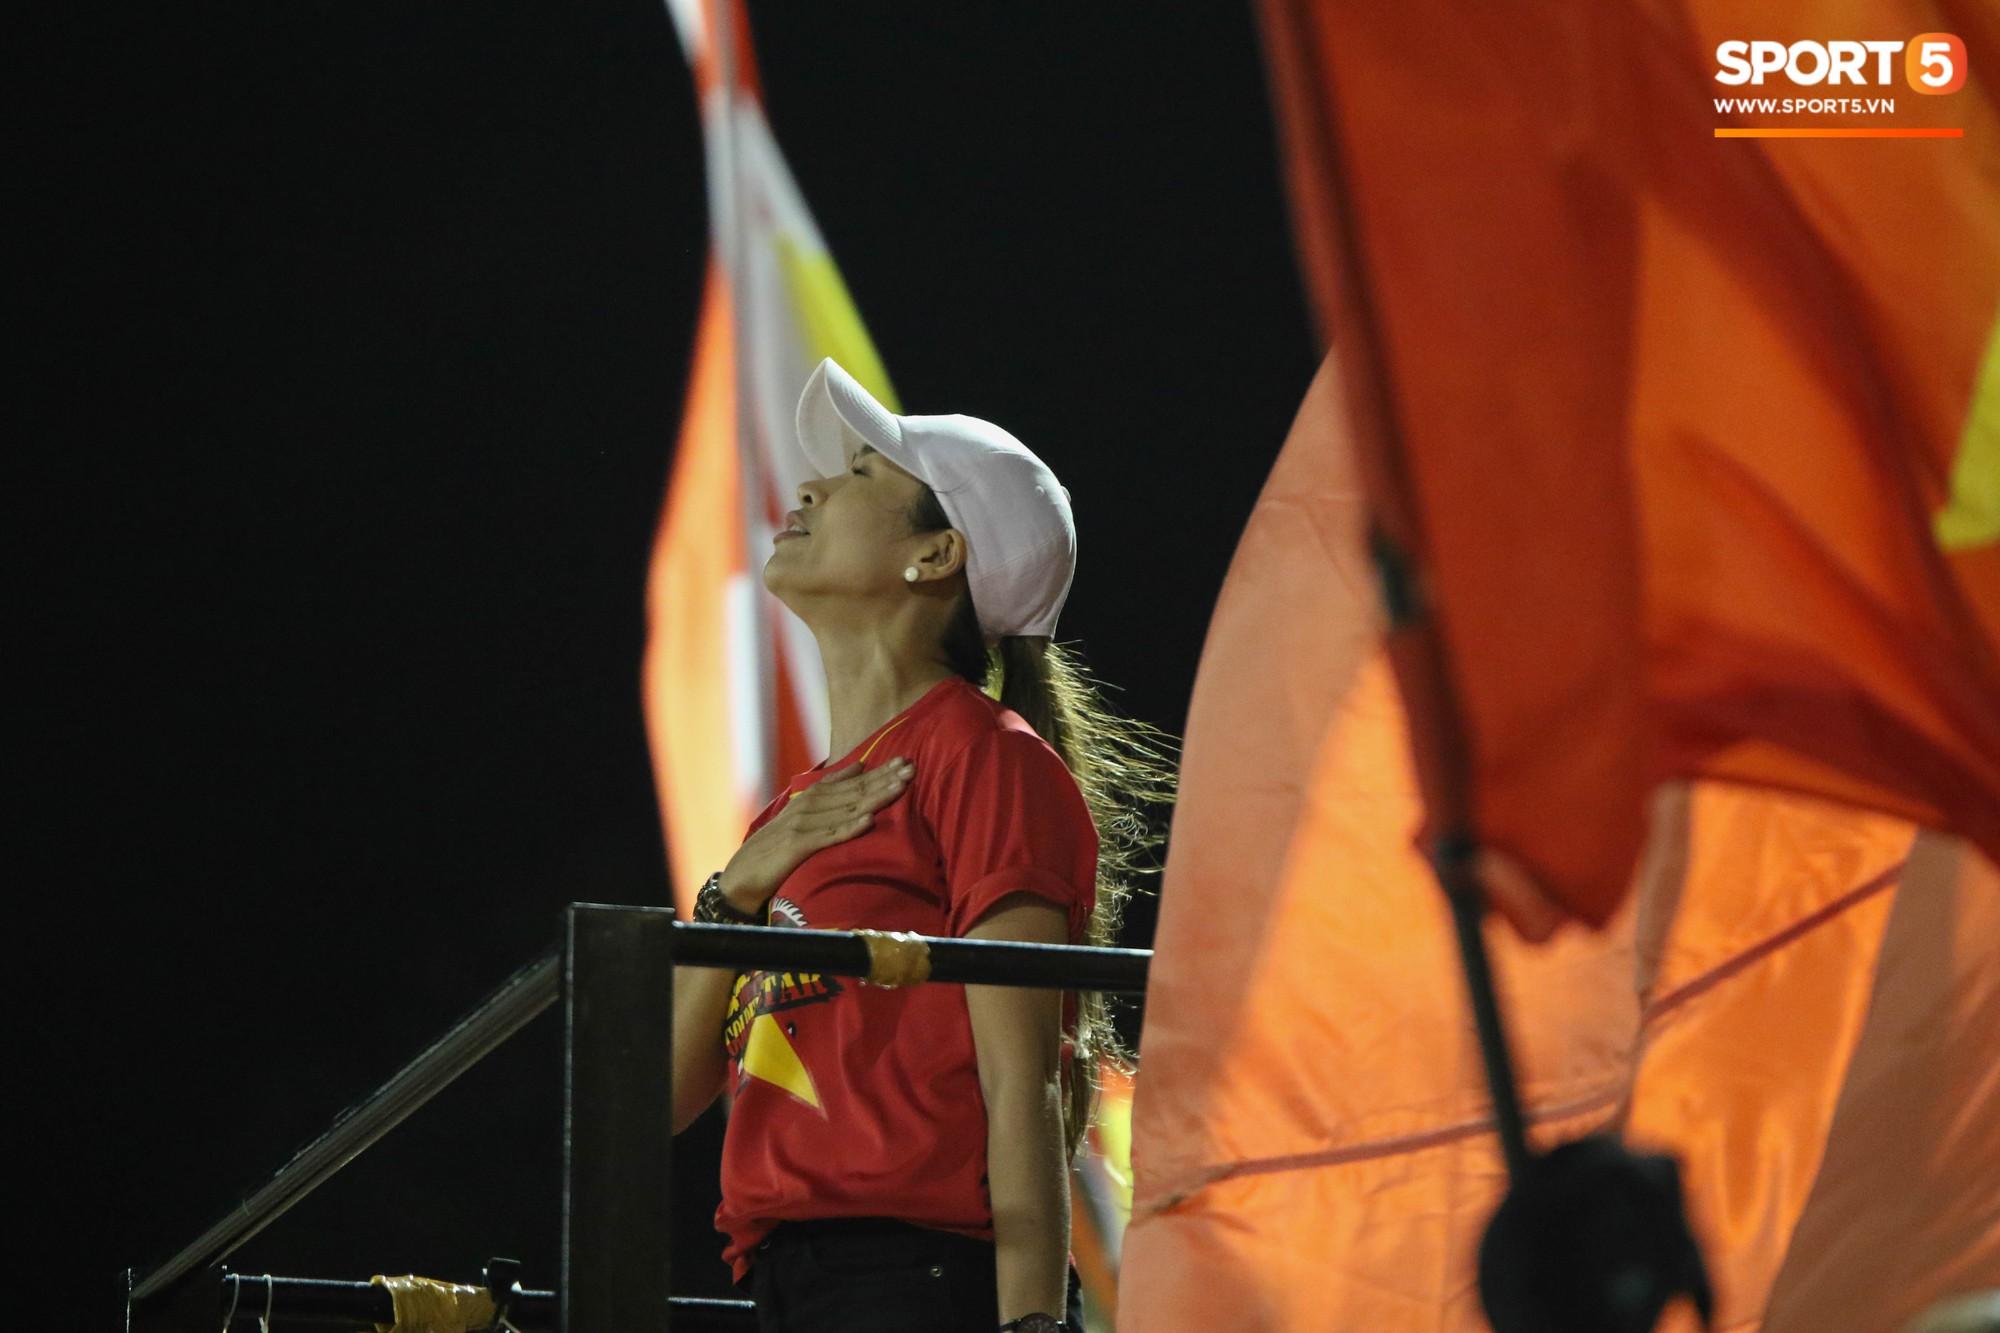 XÚC ĐỘNG: Thua đậm trước Australia, U18 Việt Nam vừa hát Quốc ca vừa khóc để cảm ơn NHM 4